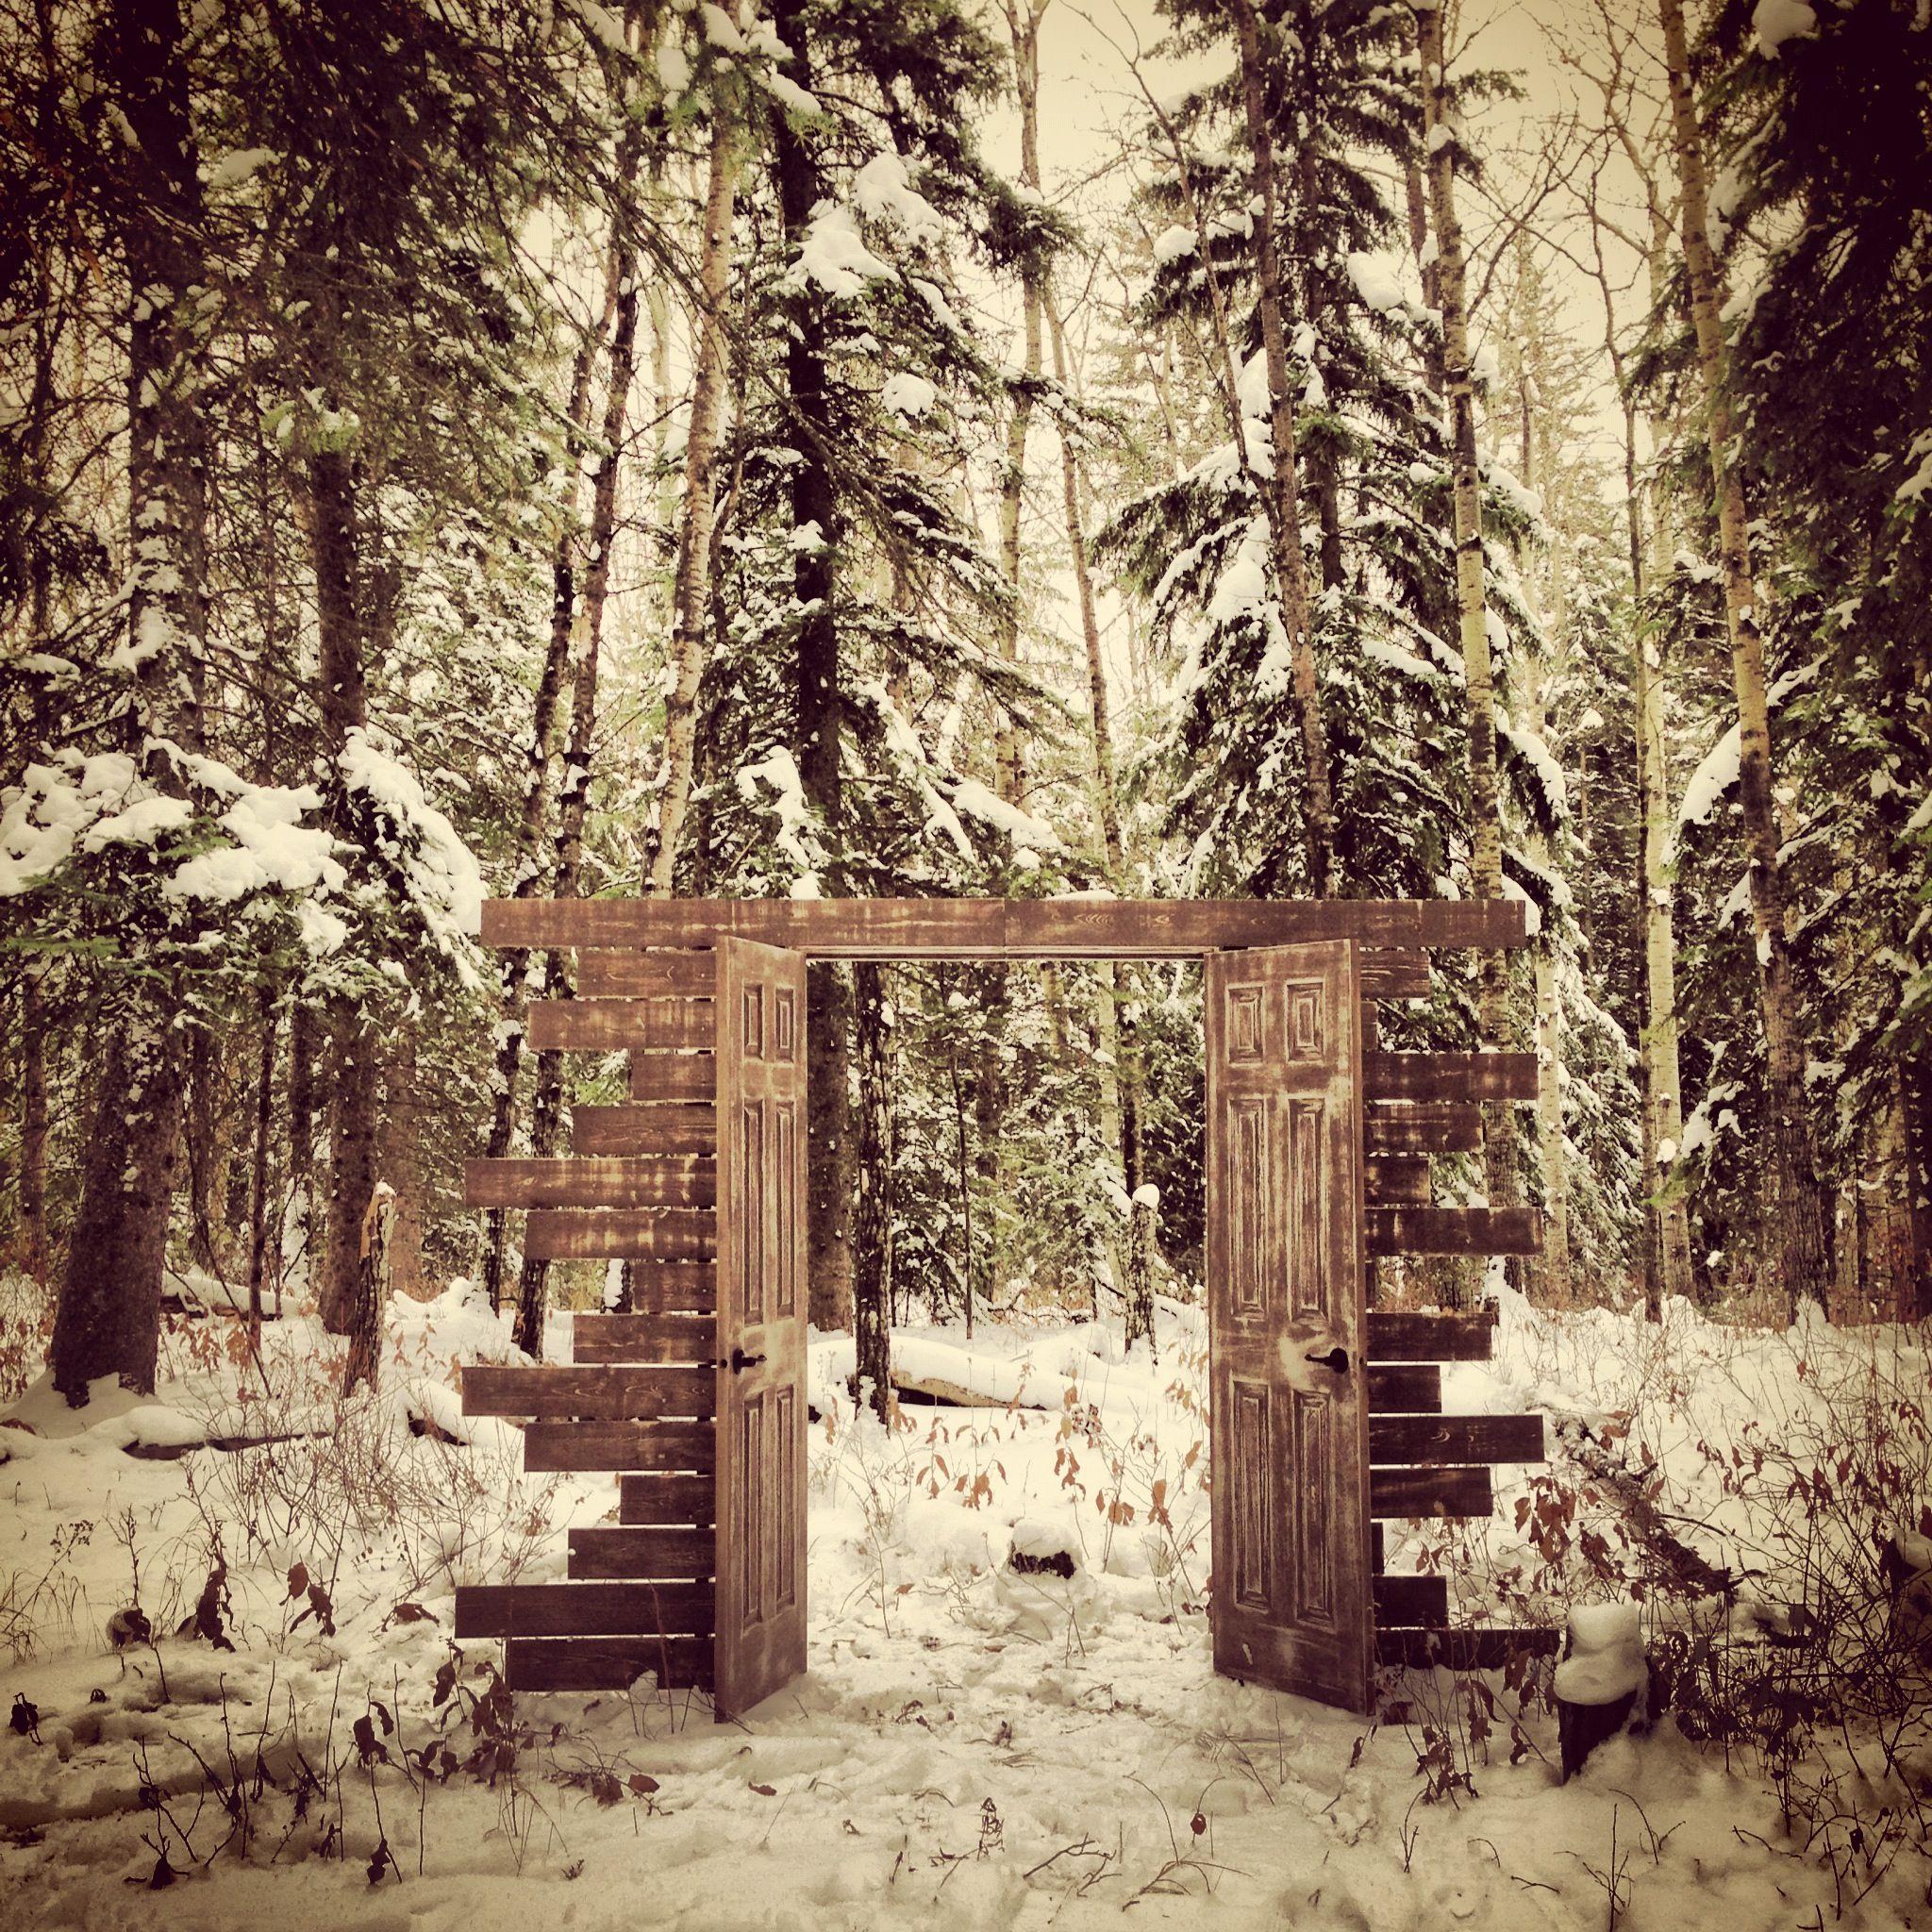 Rustic Door Wedding Ideas: Winter Wedding Rustic Entry Door... Love This